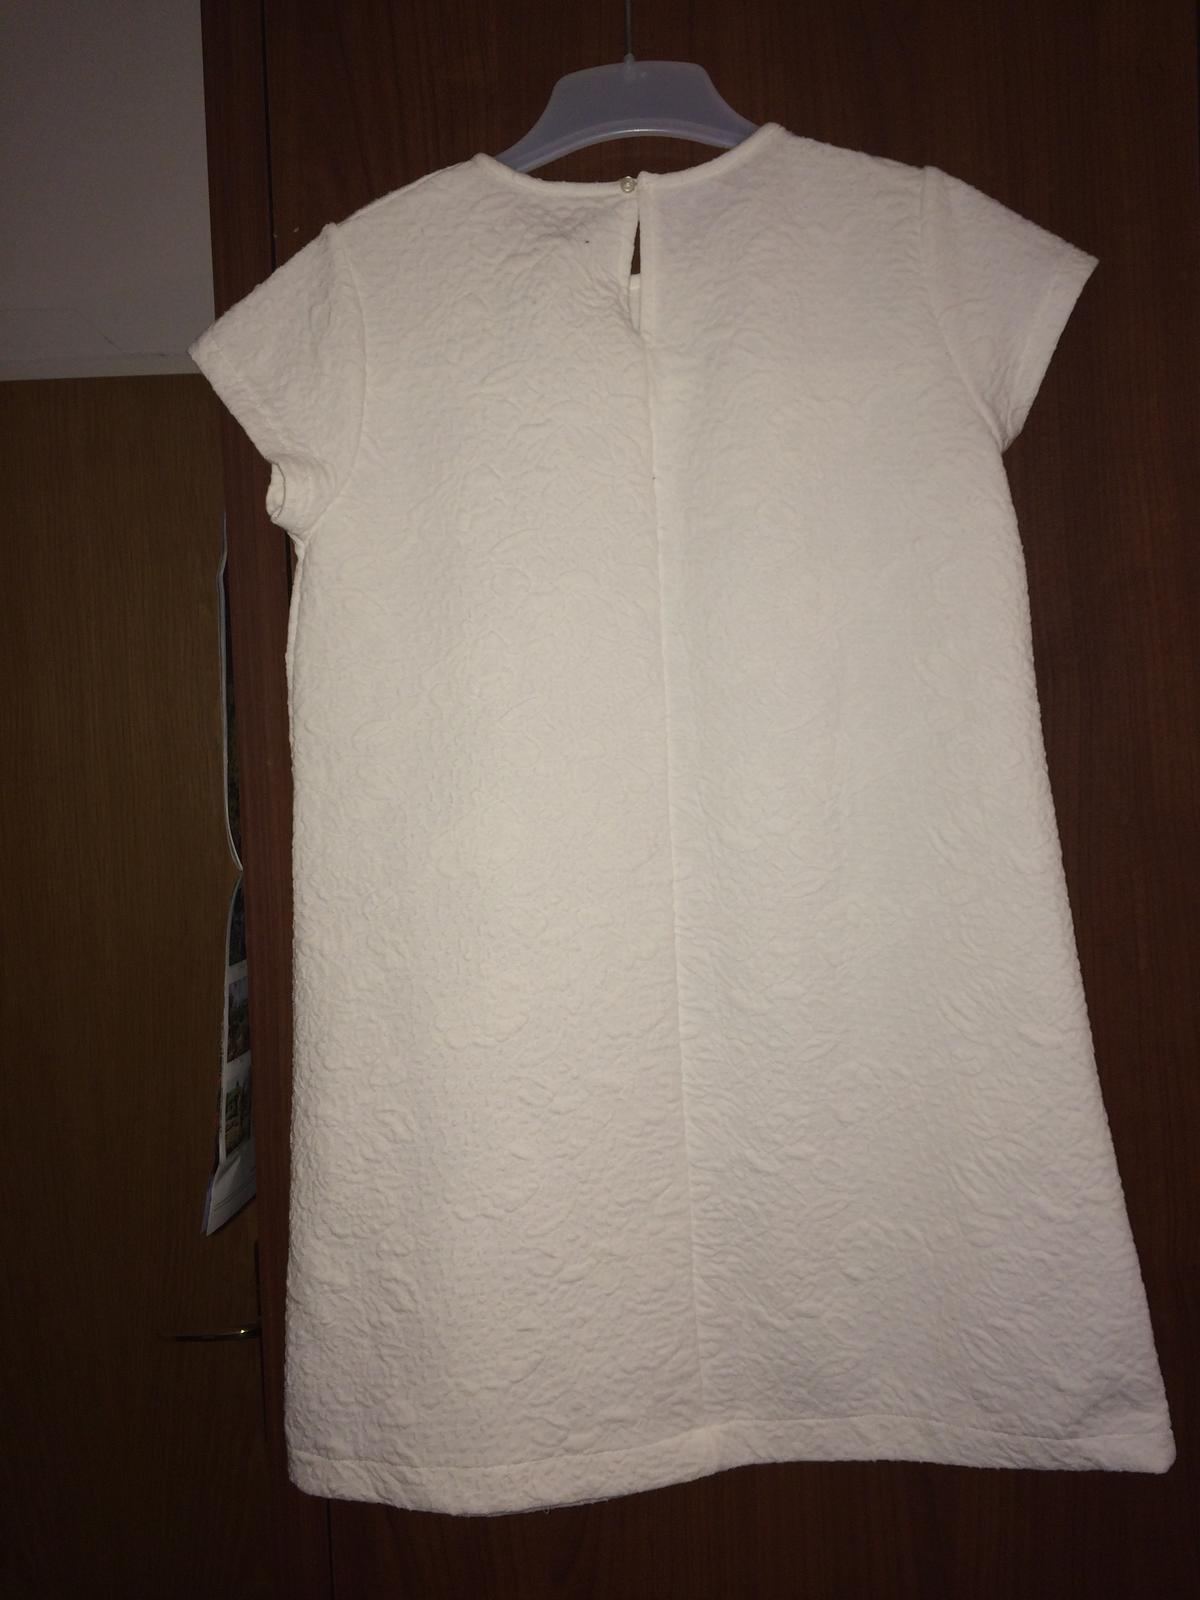 Bílé šaty. Značka Zara. - Obrázek č. 2